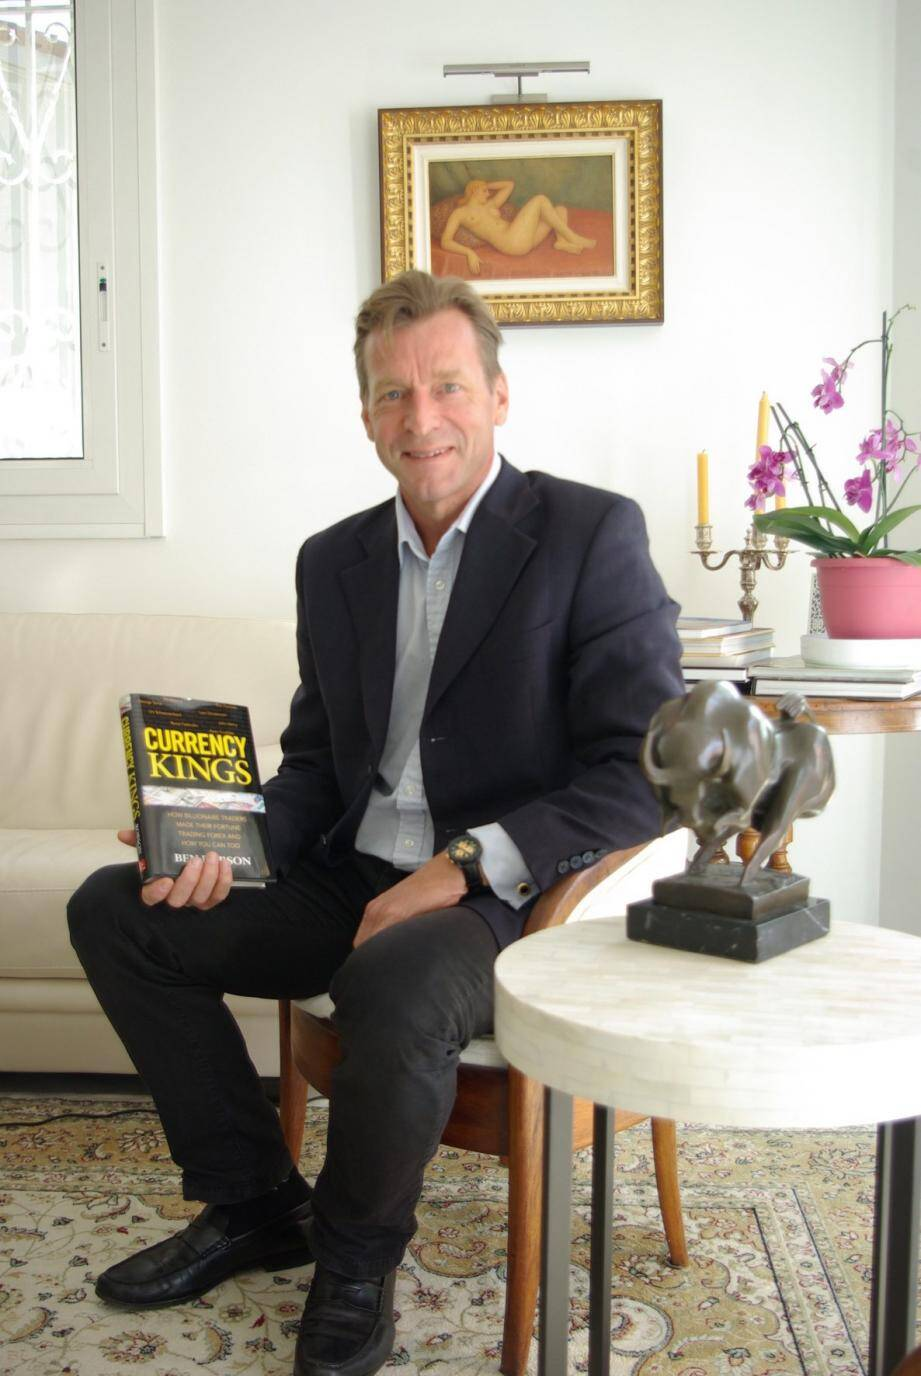 Avec son livre, l'Ecossais Ben Robson décode en anglais le colossal marché des changes et déboulonne les fantasmes qui l'entourent.